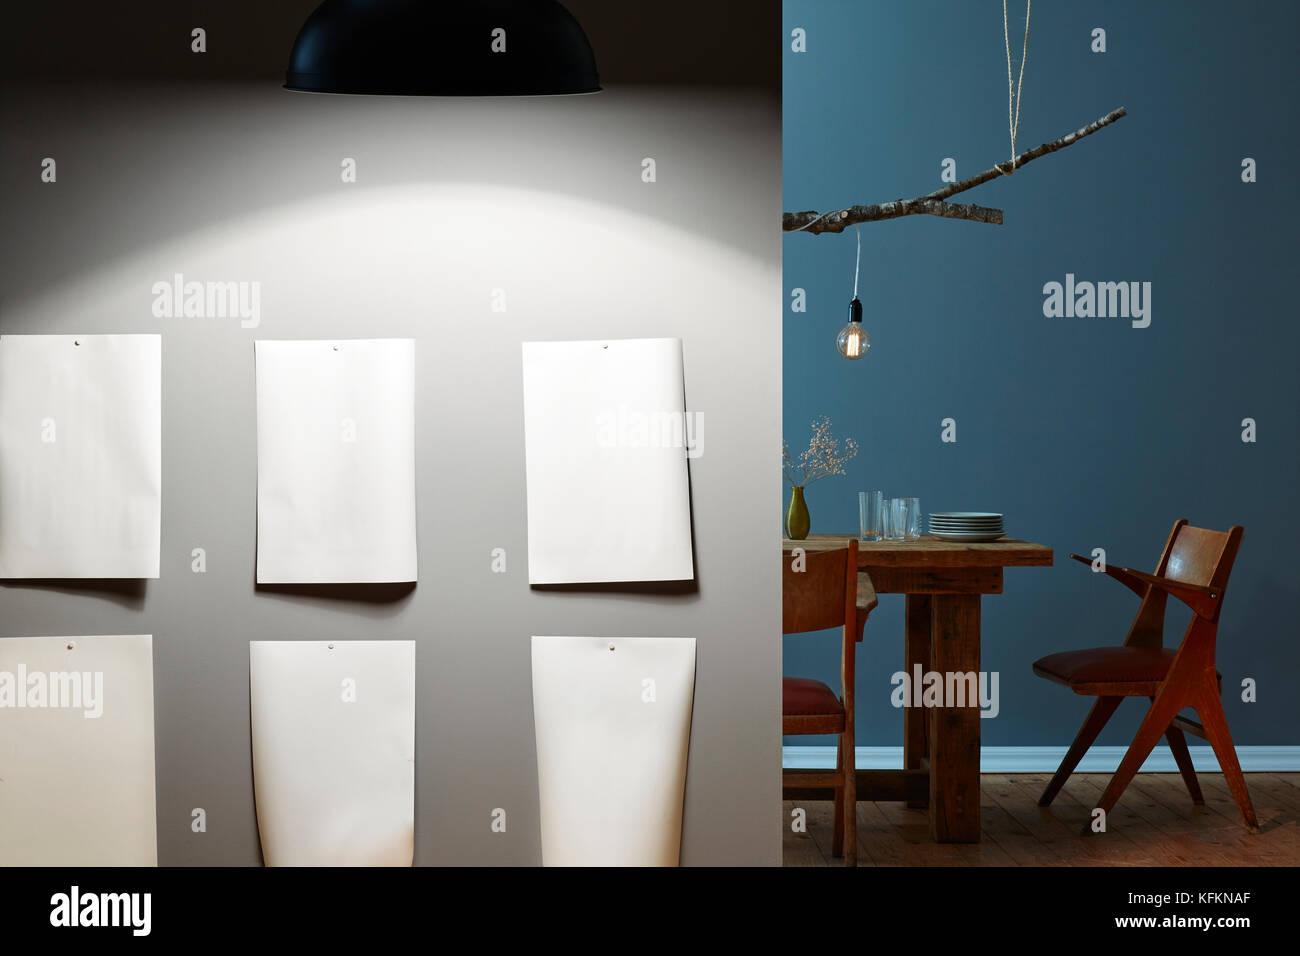 Hochwertig Moderne Galerie Auf Graue Wand Lichtkonzepte Tabelle Im Hintergrund